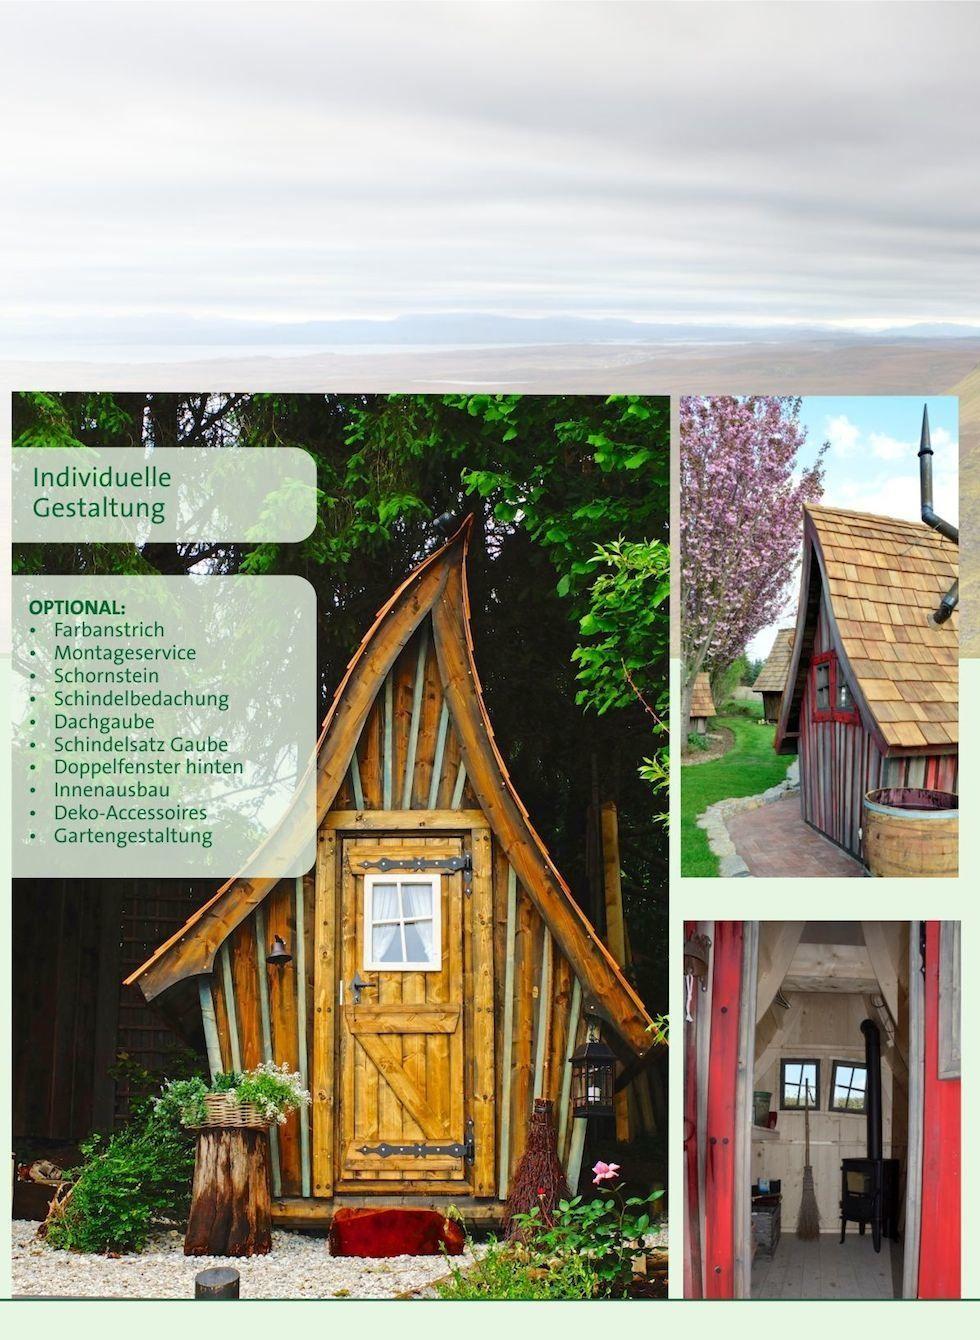 KÜSTERS Garten und Landschaftsbau, Neuss News